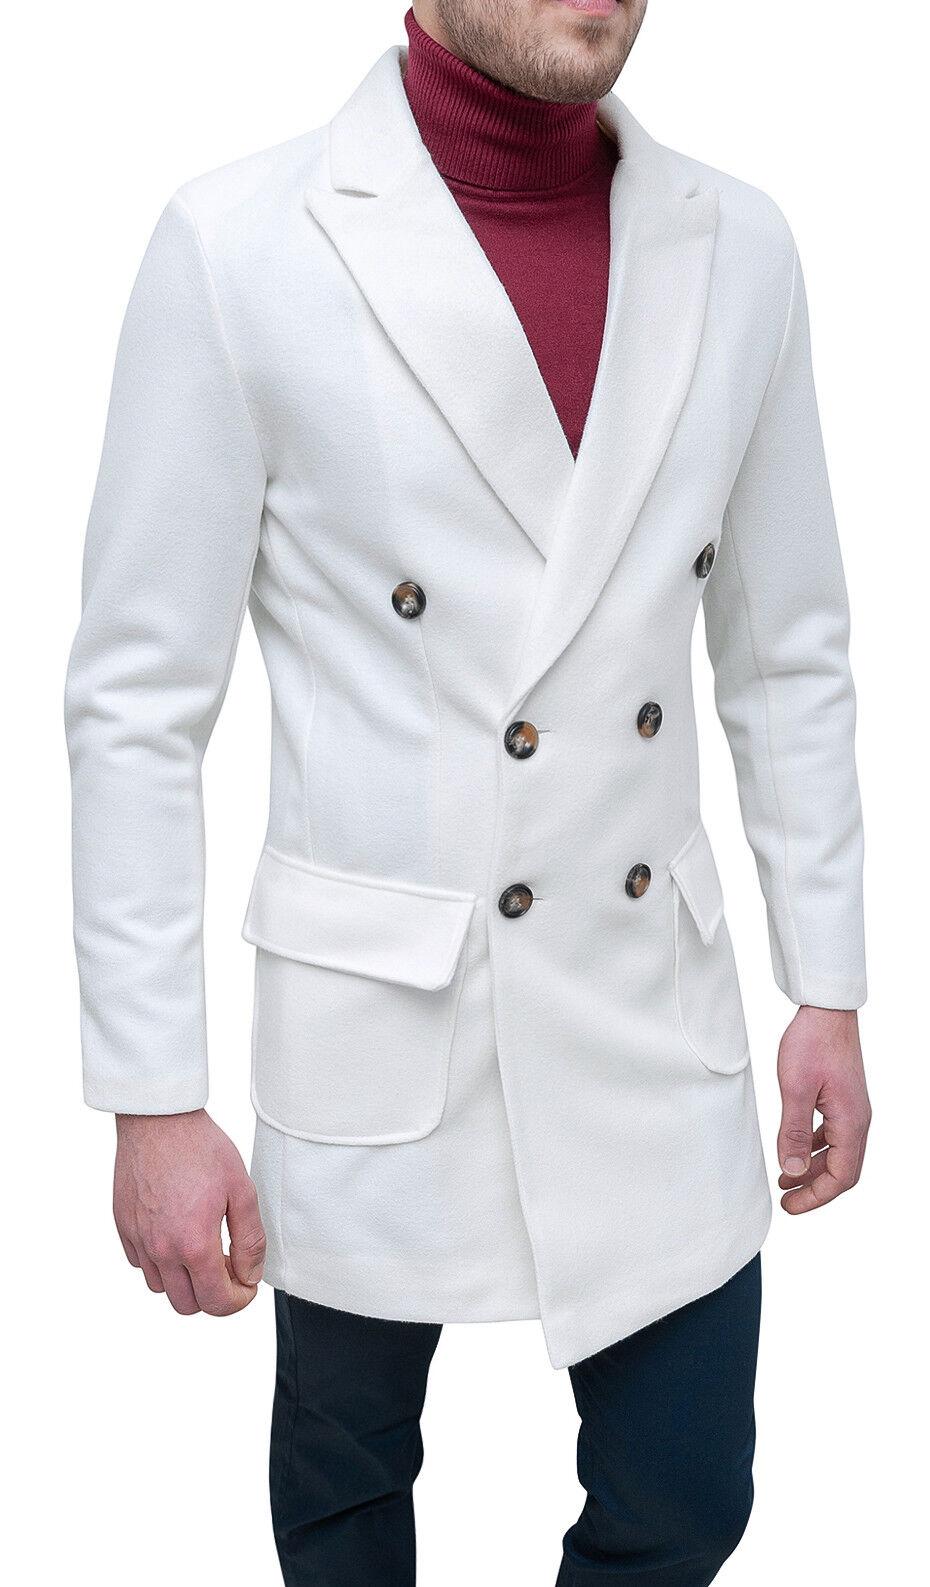 Mantel Herren Diamant Casual Winter Weiß Zweireihig Jacke Mantel Weiß